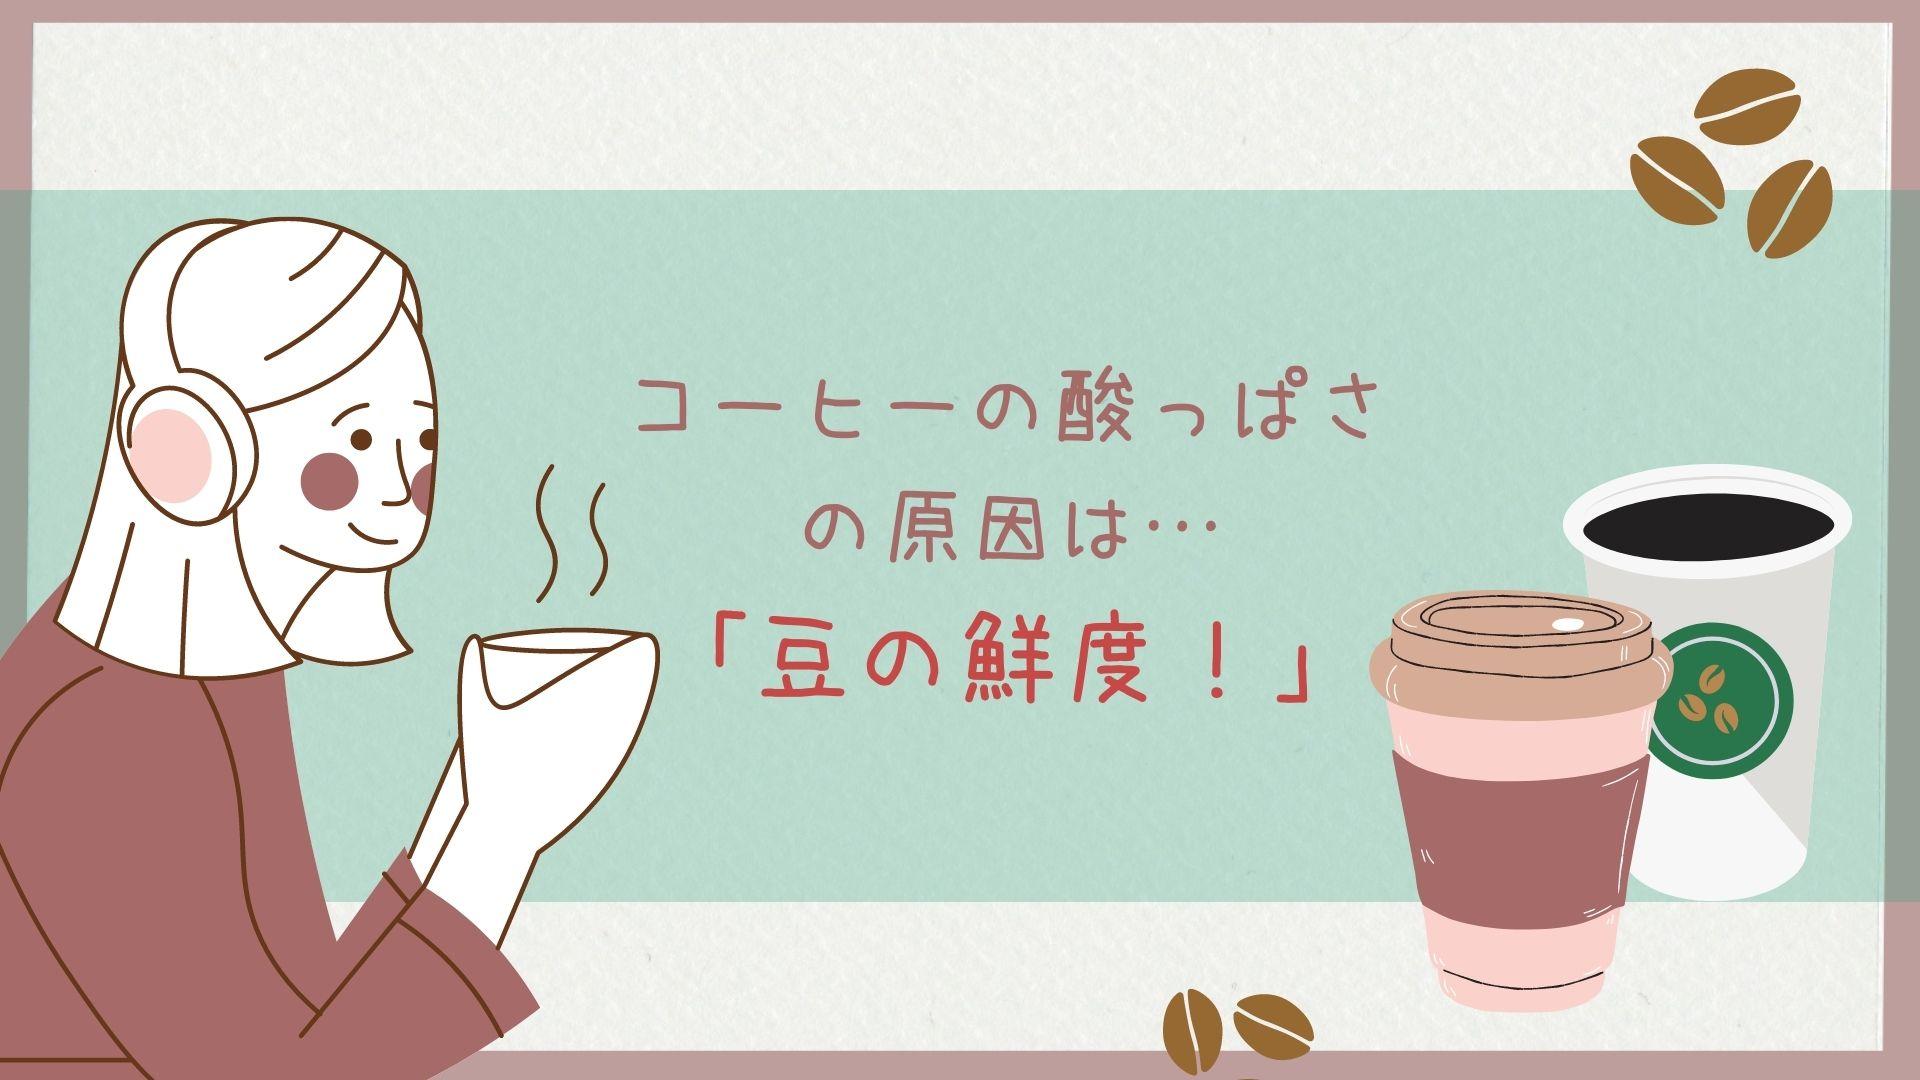 コーヒーの酸っぱさの原因は「豆の鮮度」